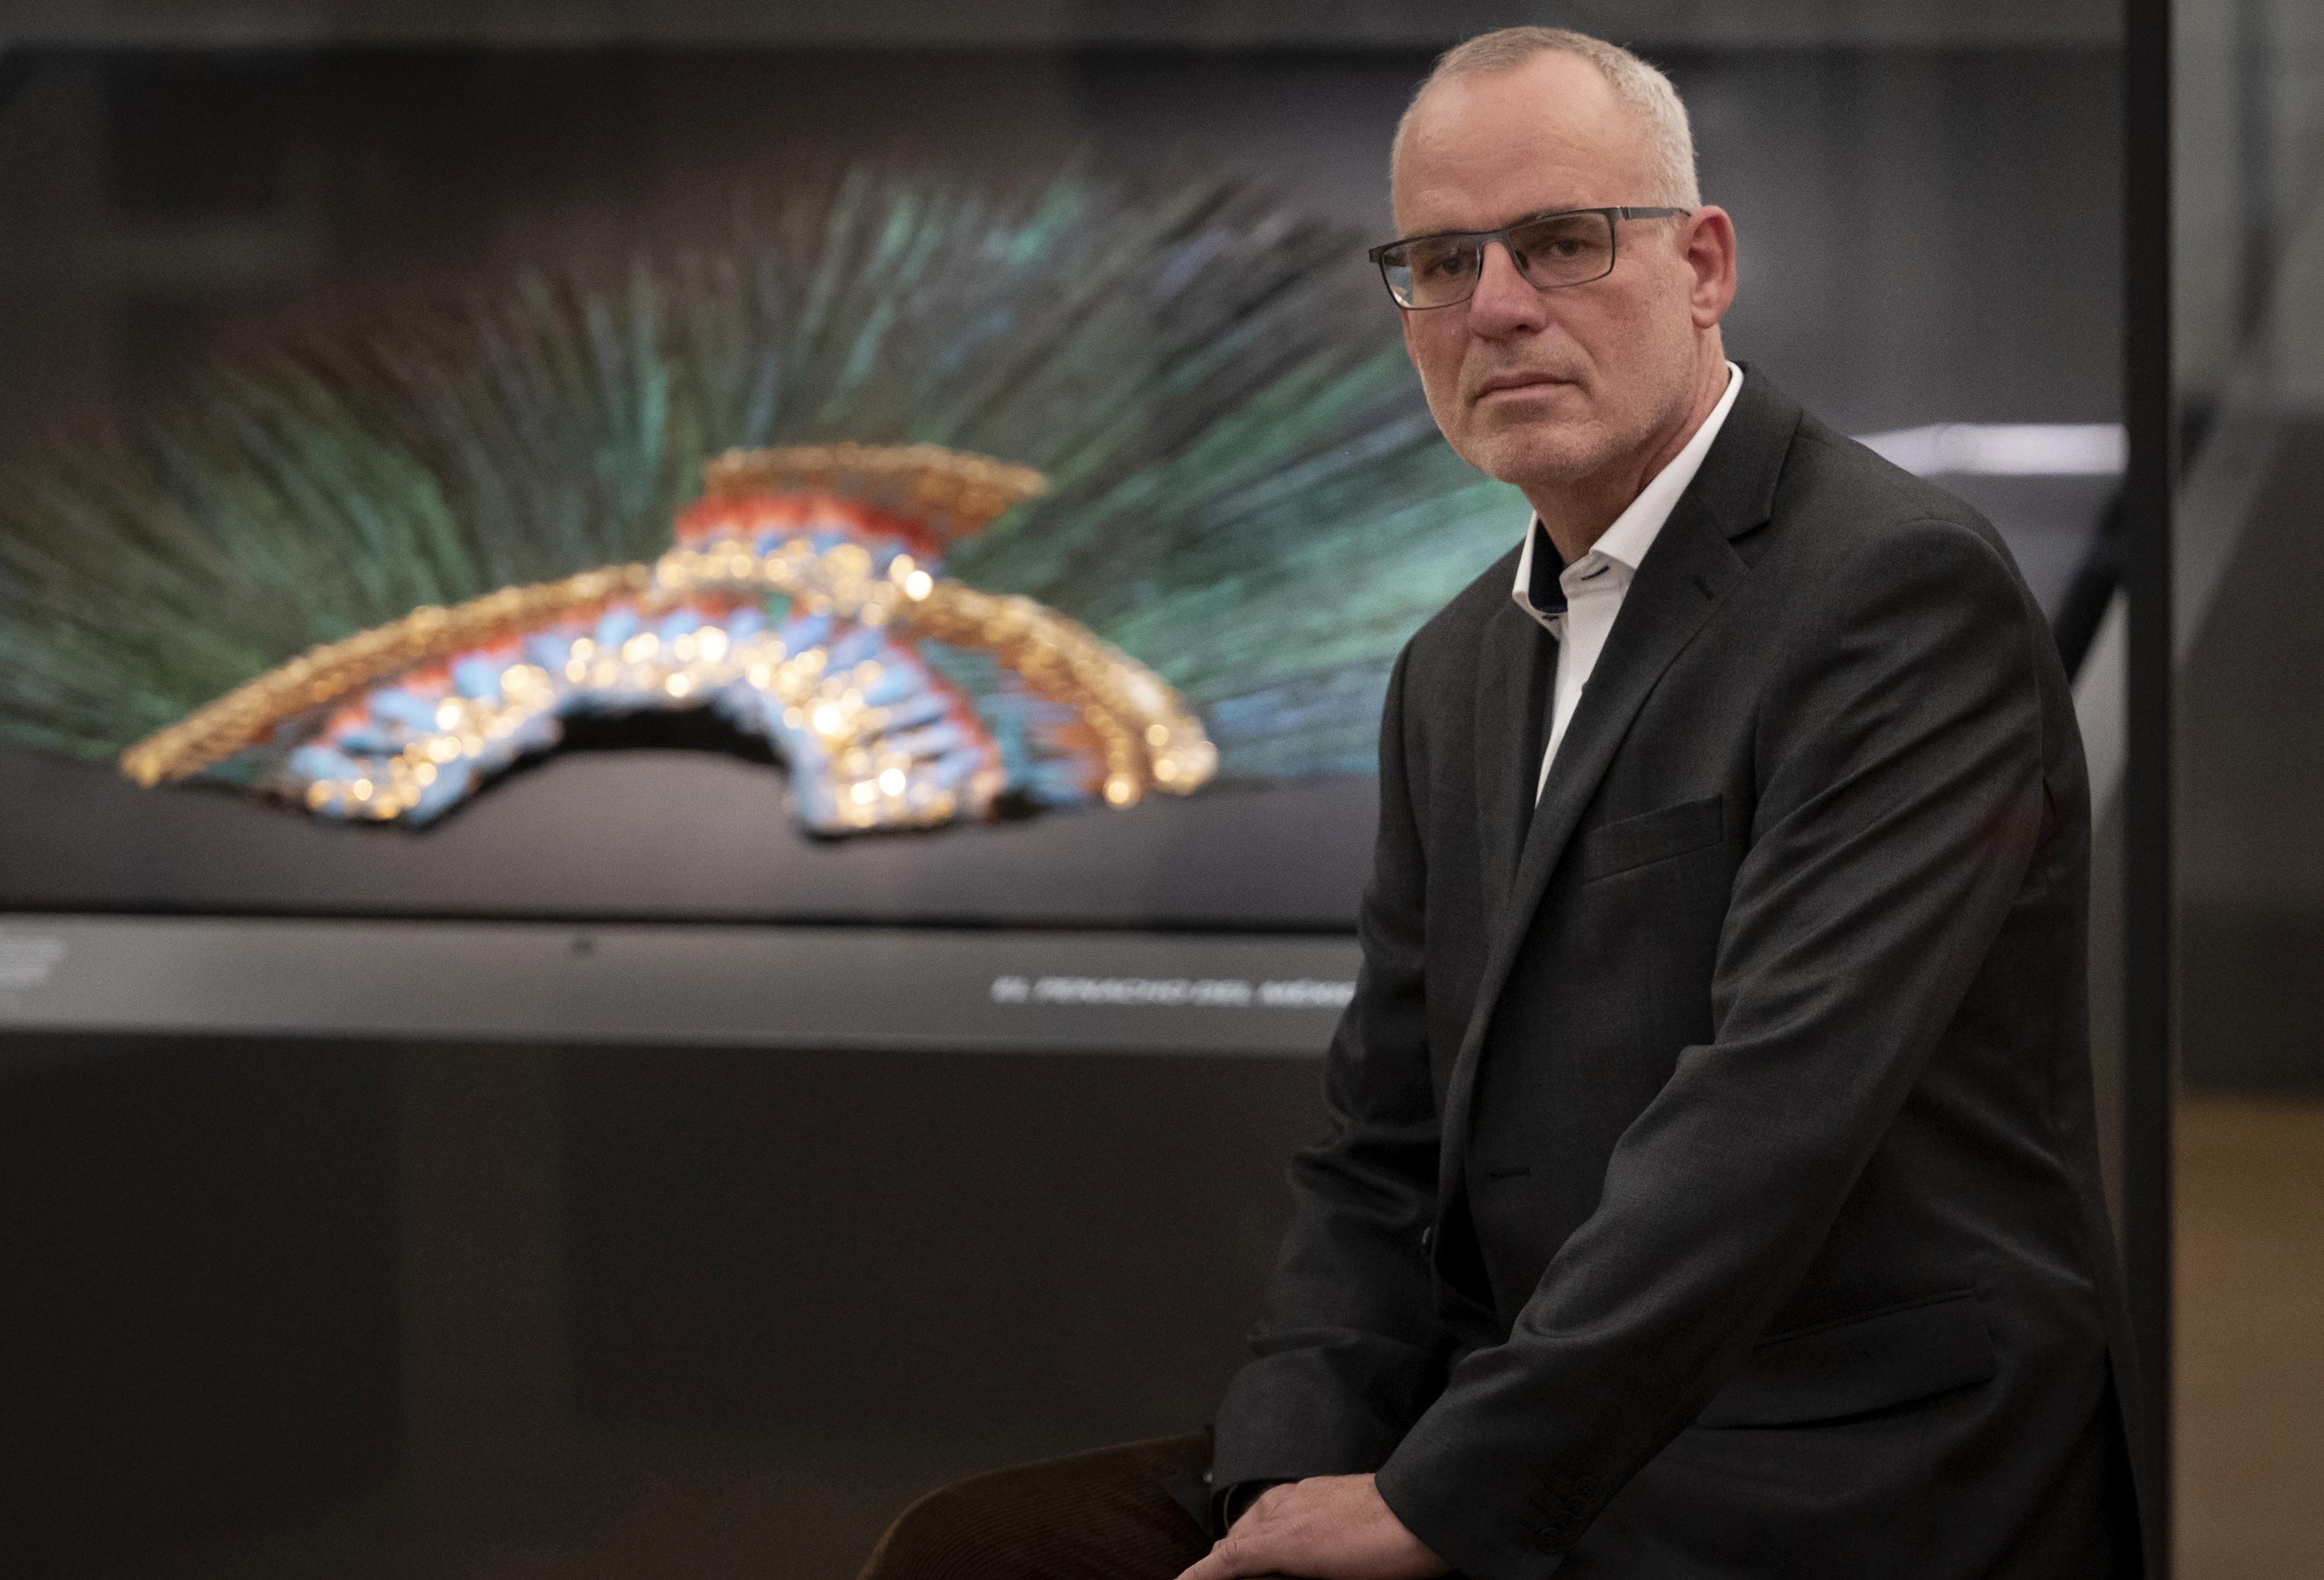 Gerard van Bussel, curador del departamento de América del Norte y Central en el Weltmuseum Wien, frente al stand del Penacho. (Foto: Joe Klamar / AFP)